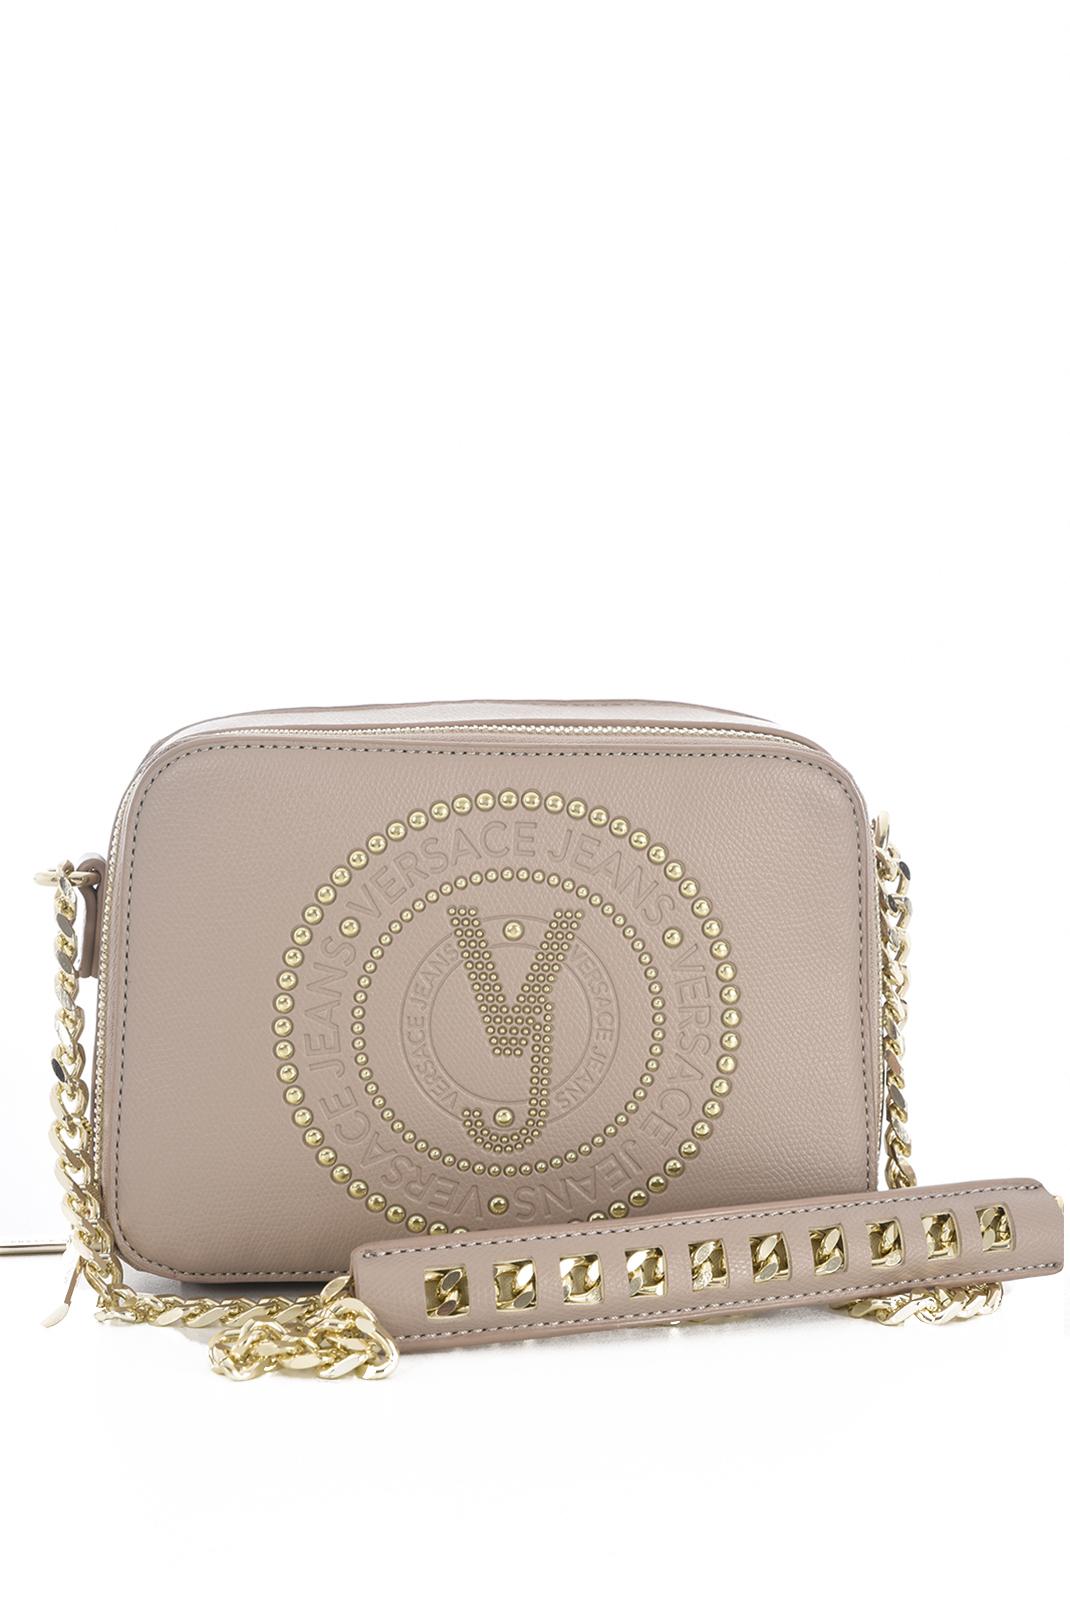 Versace Pochette Sac Besace Versace Pochette Jeans Jeans 7gyb6Yf